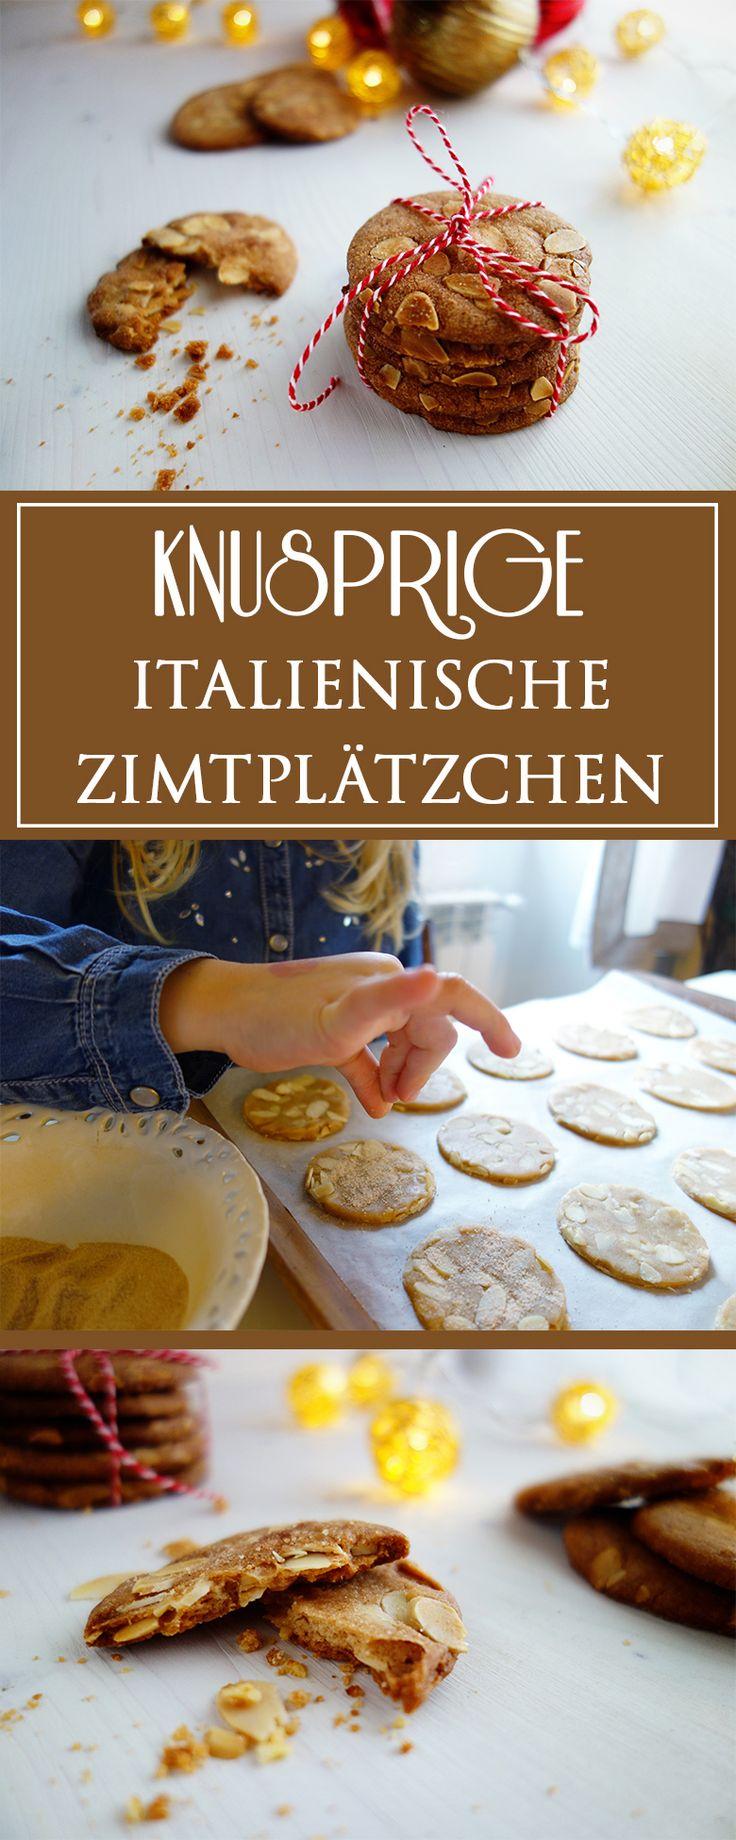 Knusprige Zimtplätzchen - ein einfaches, unwiderstehlich leckeres Rezept für italienische Kekse. Toll auch, um sie mit Kindern zu backen & zur Adventszeit!   cucina-con-amore.de